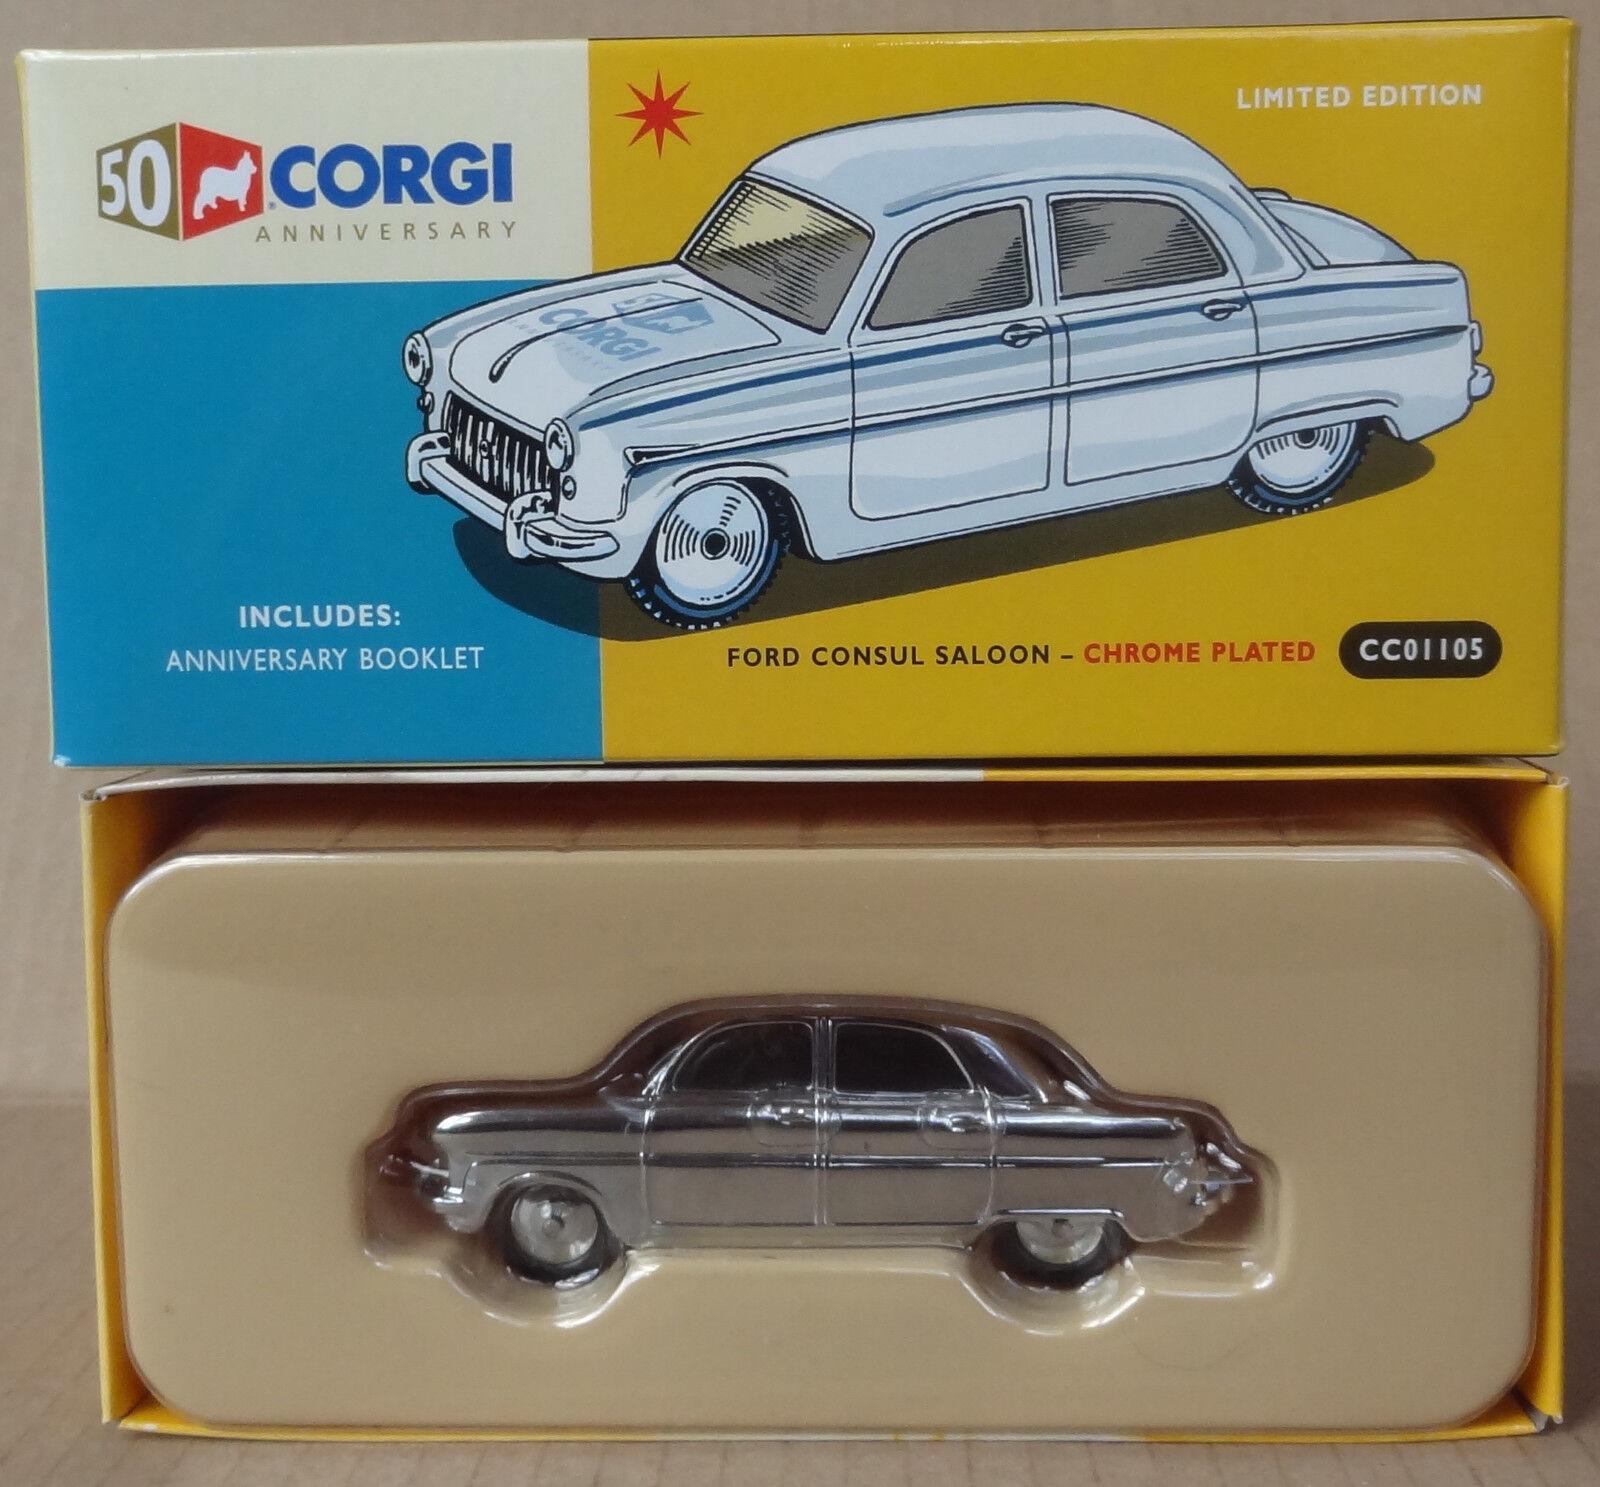 Corgi Classics-CC 01105 CORGI 50th Anniversaire-FORD CONSUL chromé En parfait état, dans sa boîte